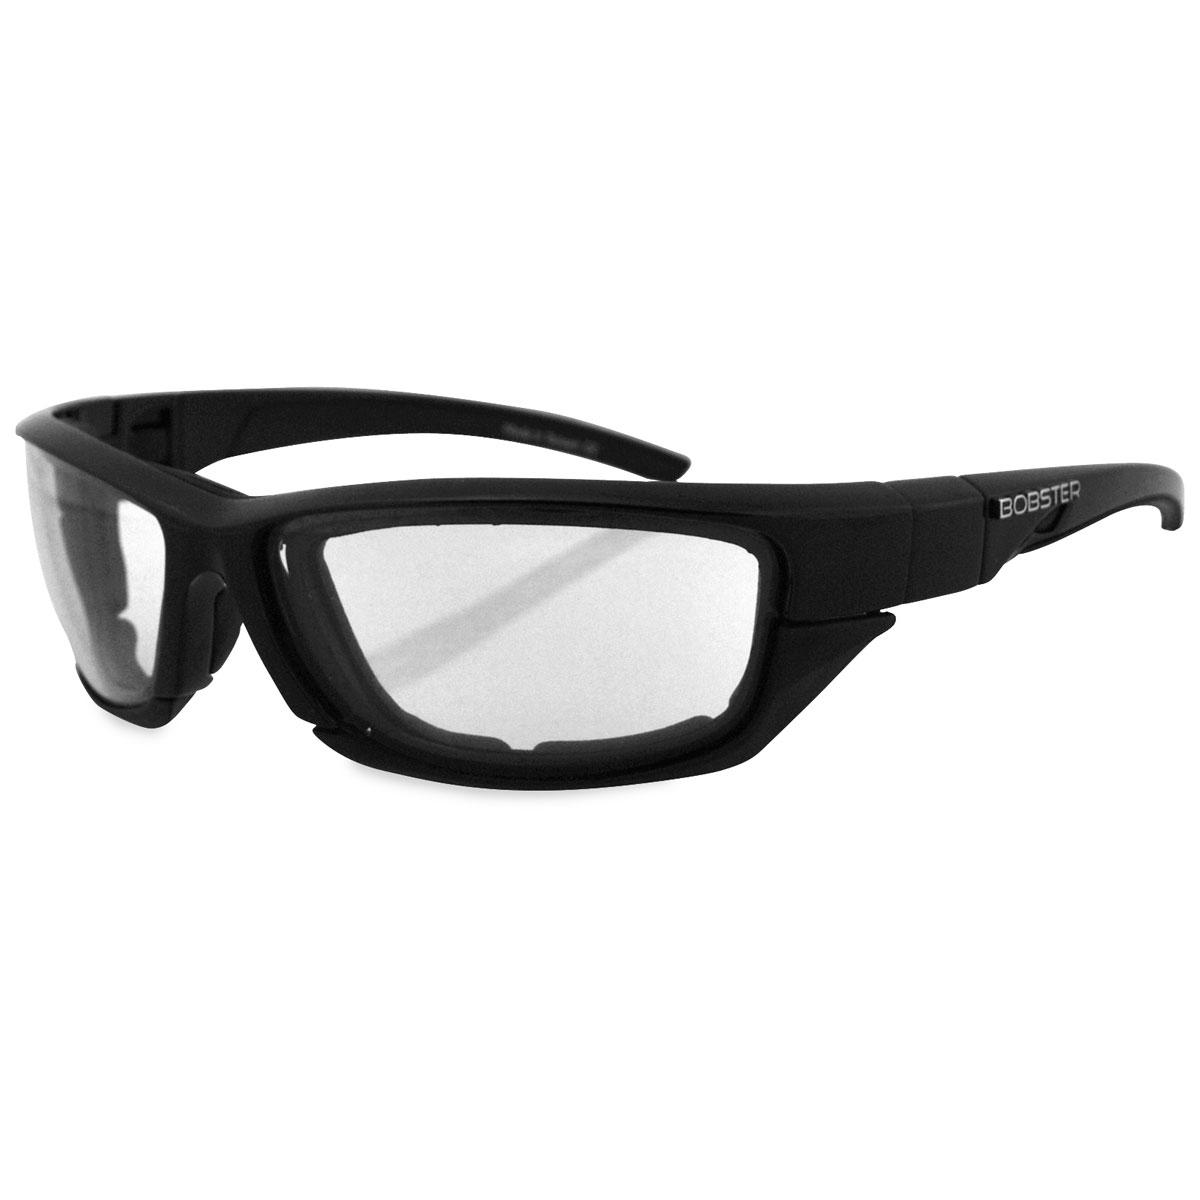 Bobster Decoder 2 Photochromic Sunglasses